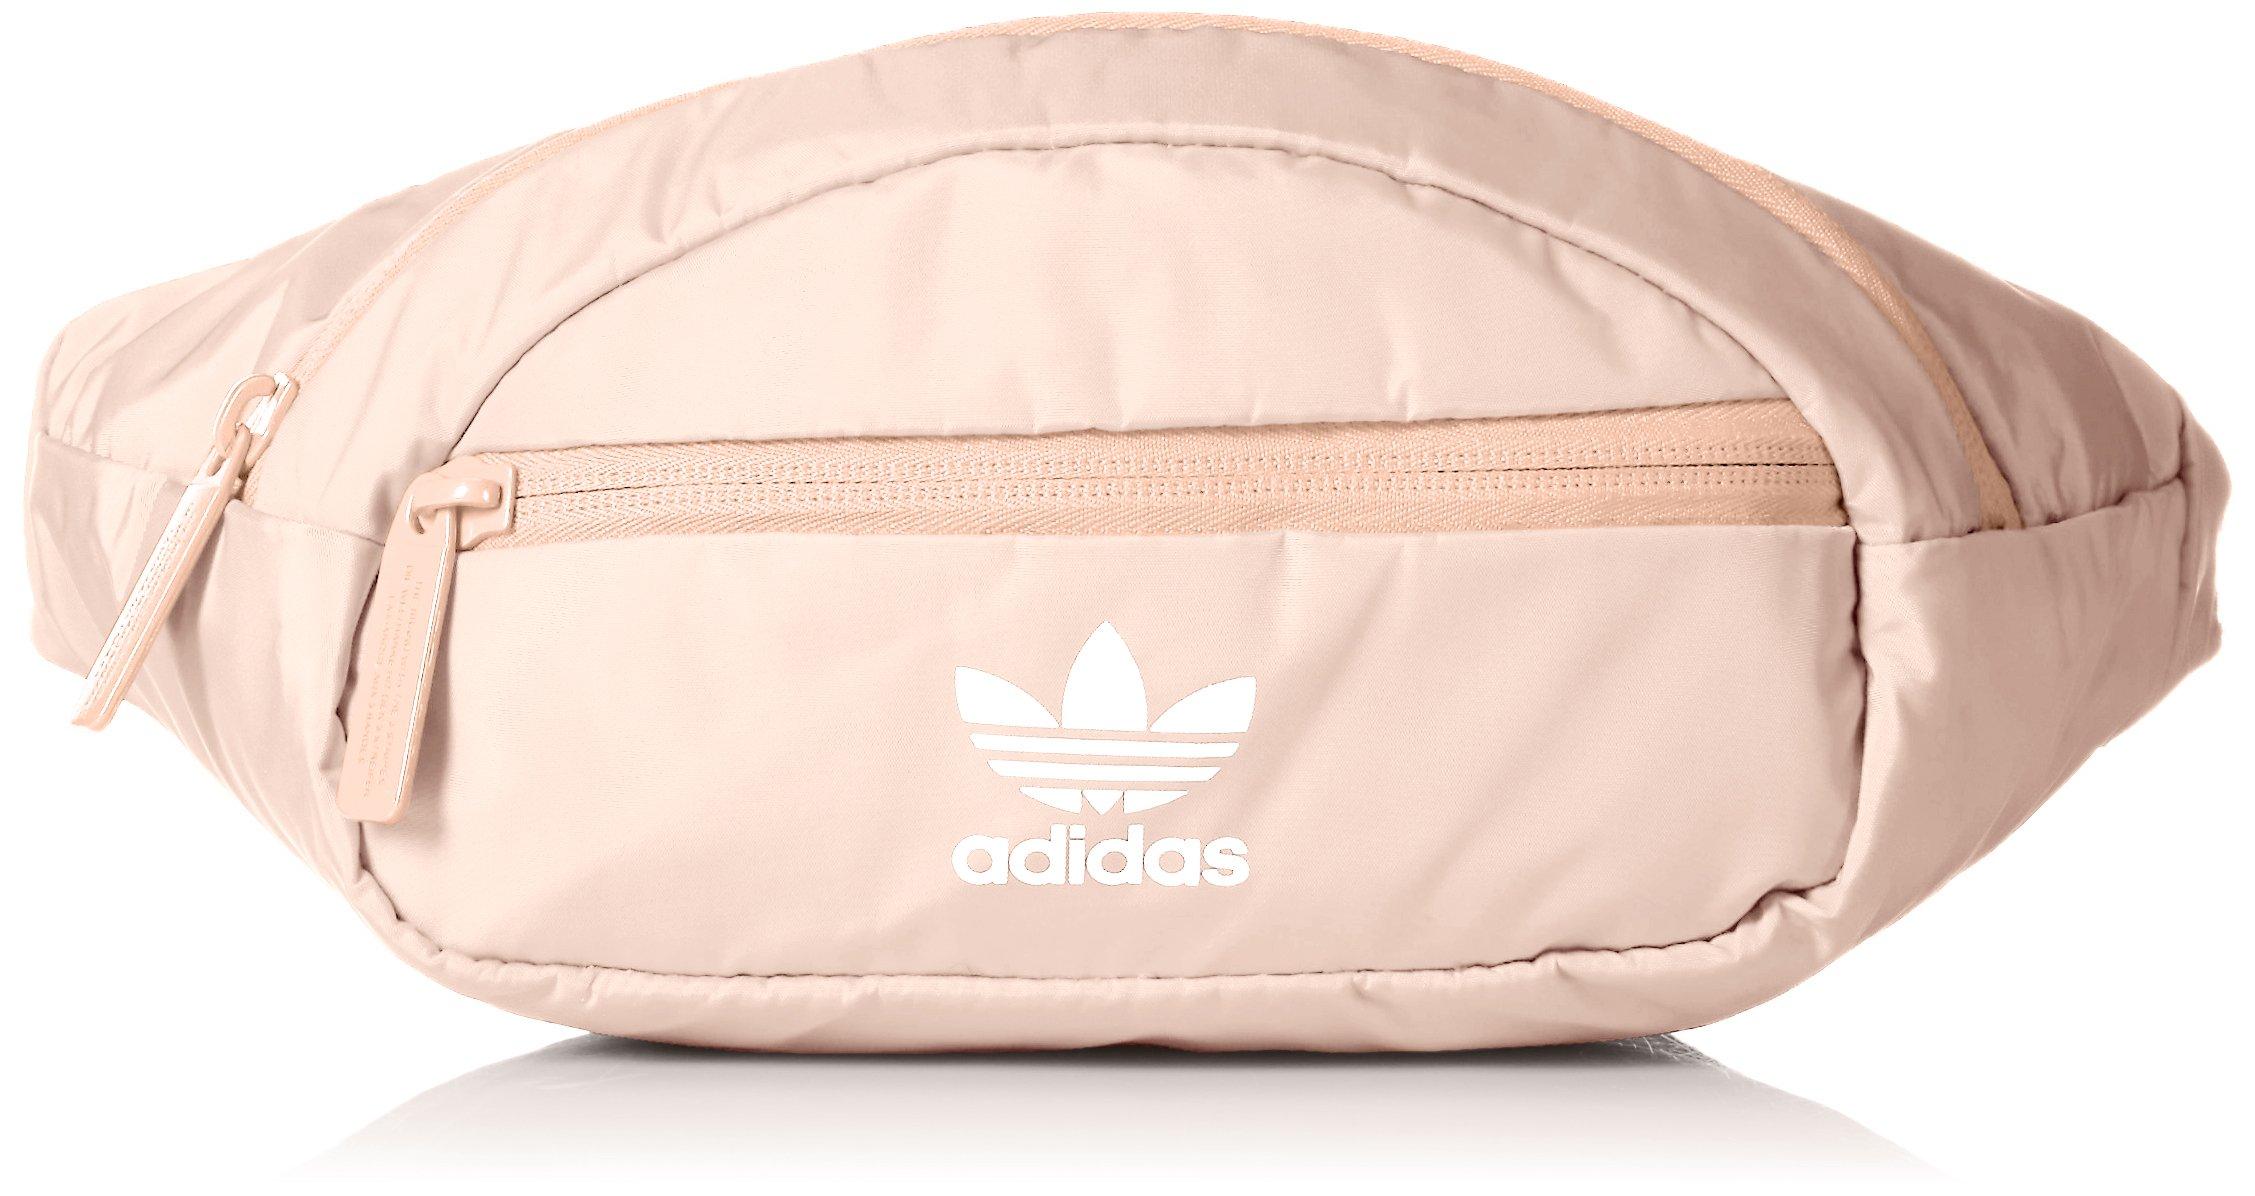 Galleon - Adidas Originals National Waist Pack c1d5f64d18e66